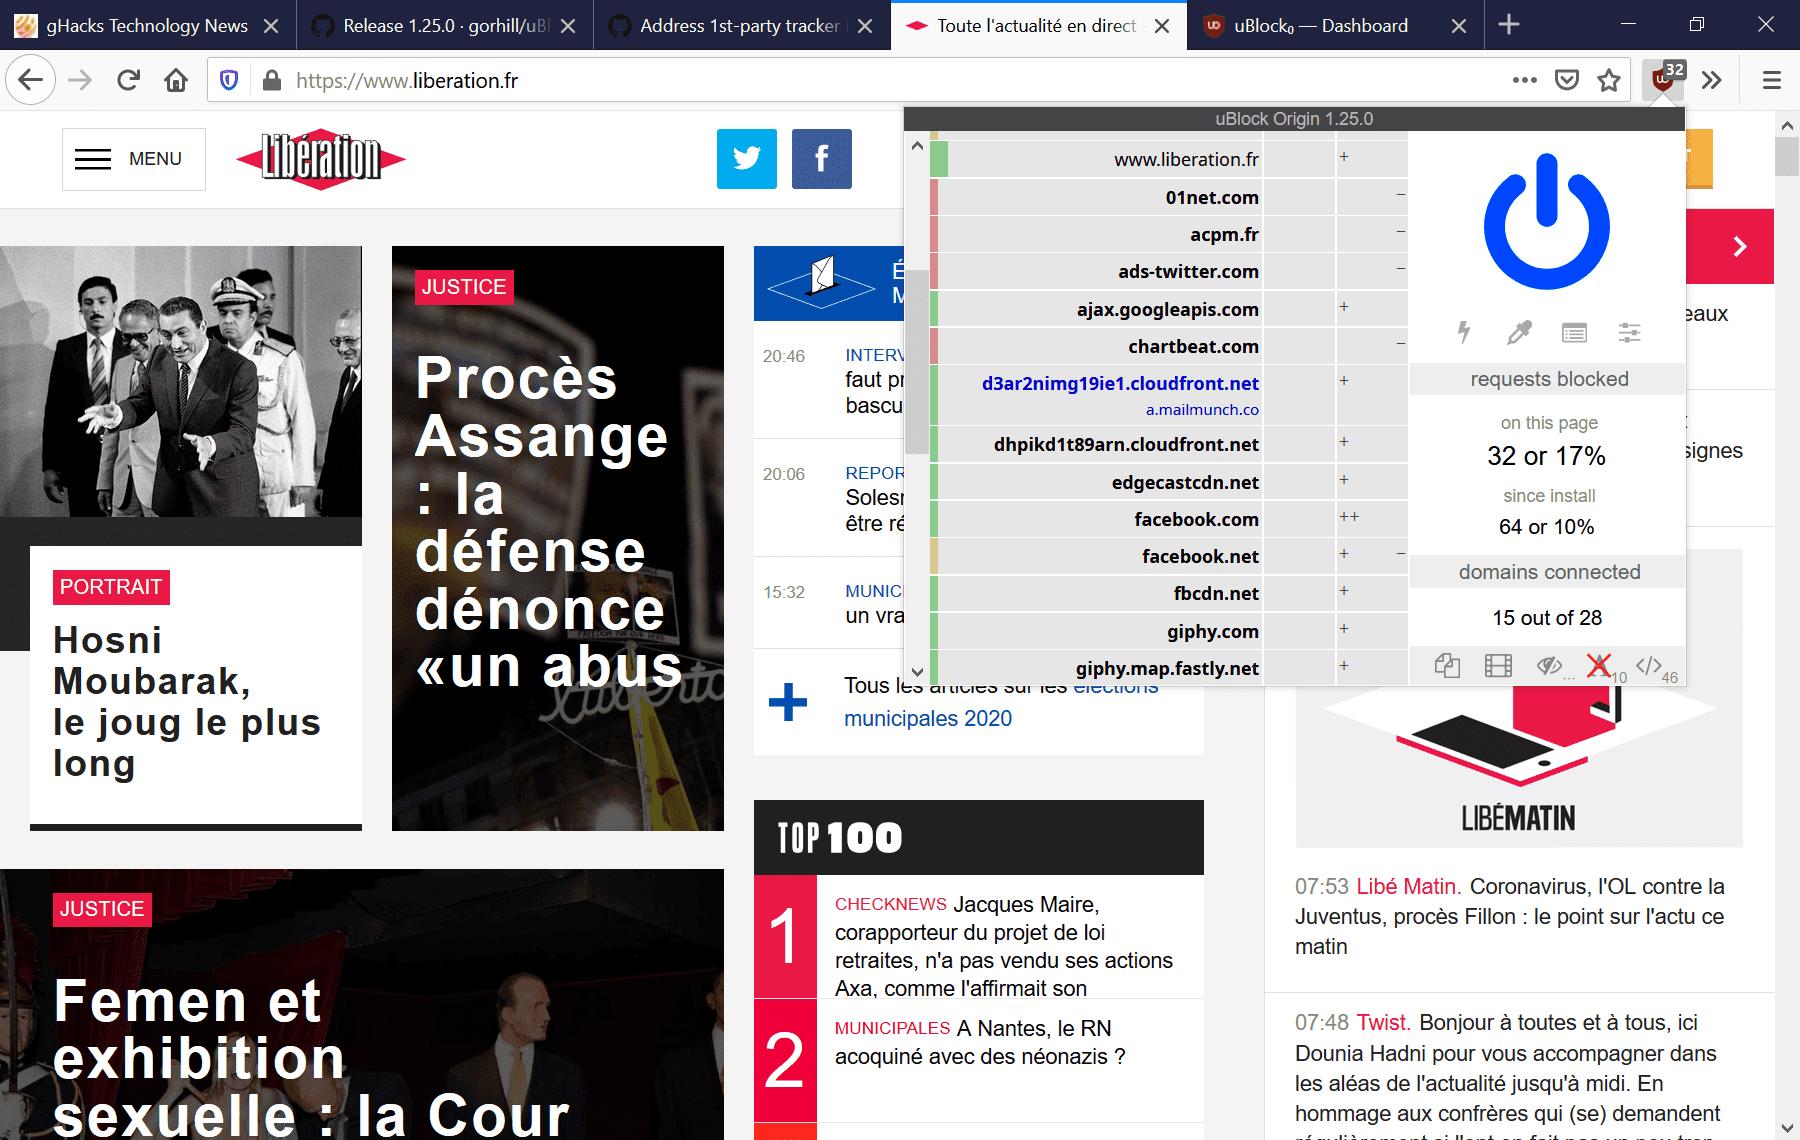 bloqueo del primer partido de Firefox de origen ublock